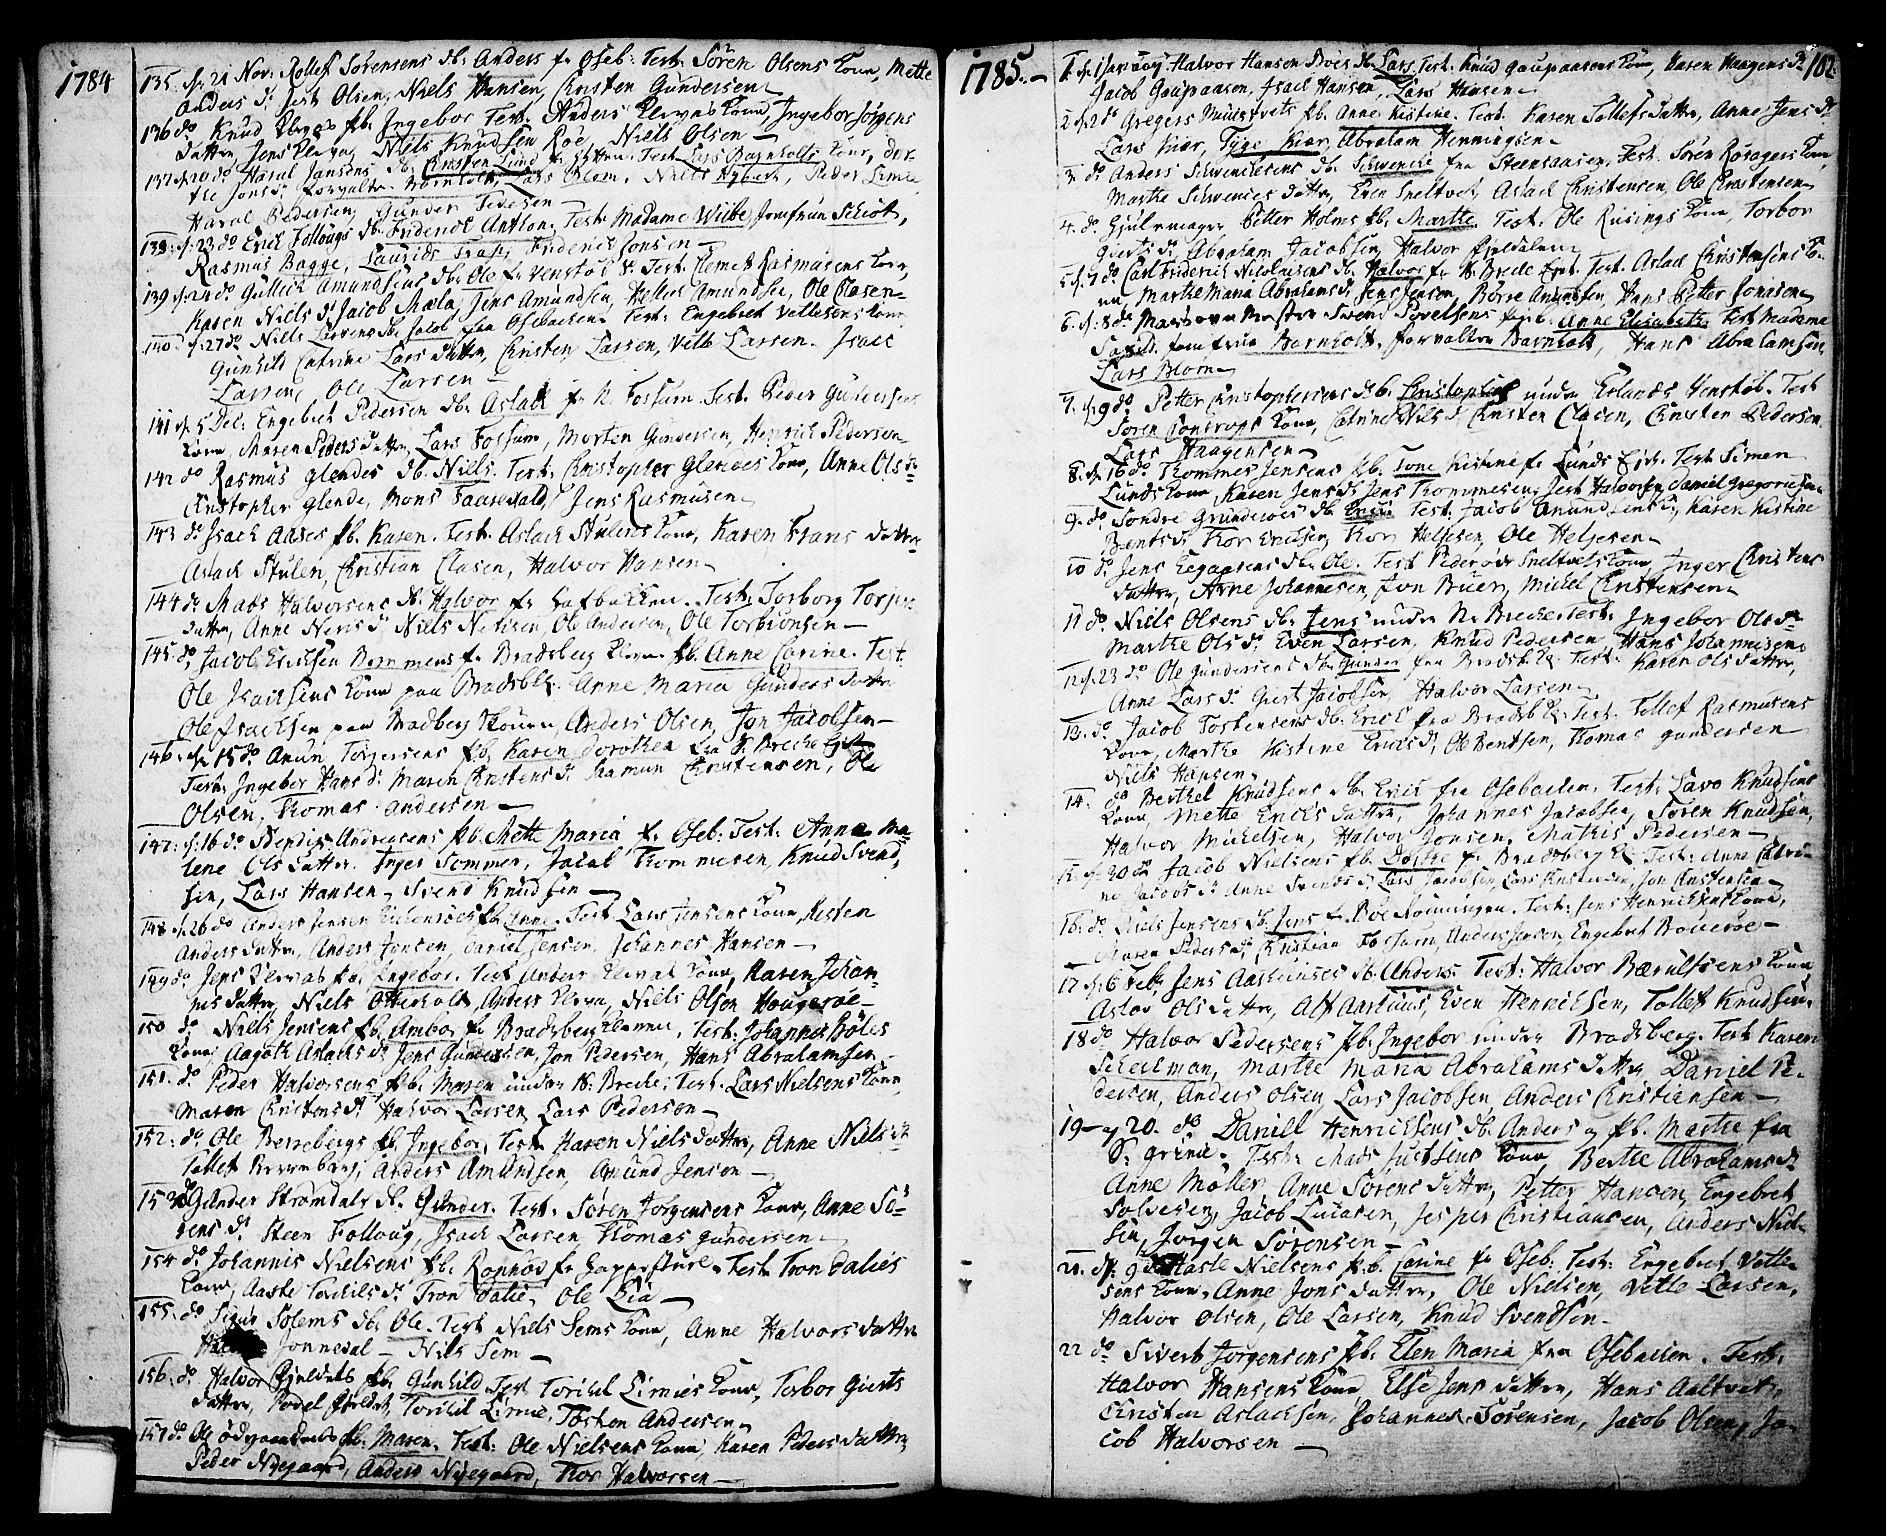 SAKO, Gjerpen kirkebøker, F/Fa/L0002: Ministerialbok nr. 2, 1747-1795, s. 102